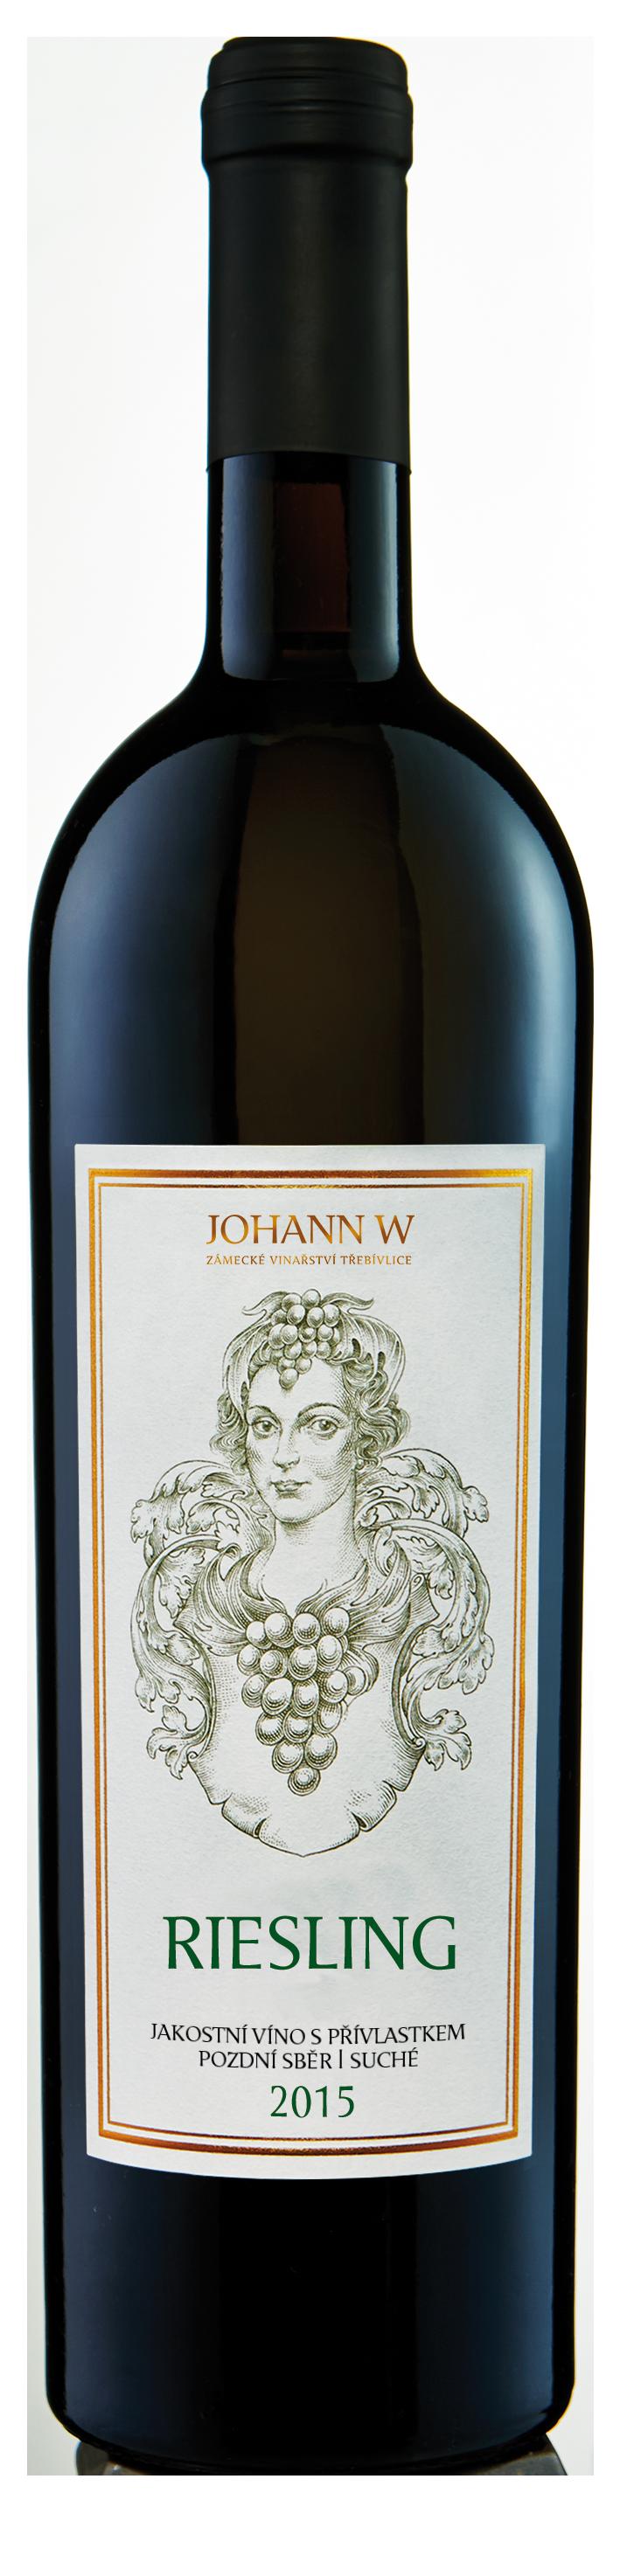 Riesling 2016, pozdní sběr, suché, Vinařství Johann W - Třebívlice